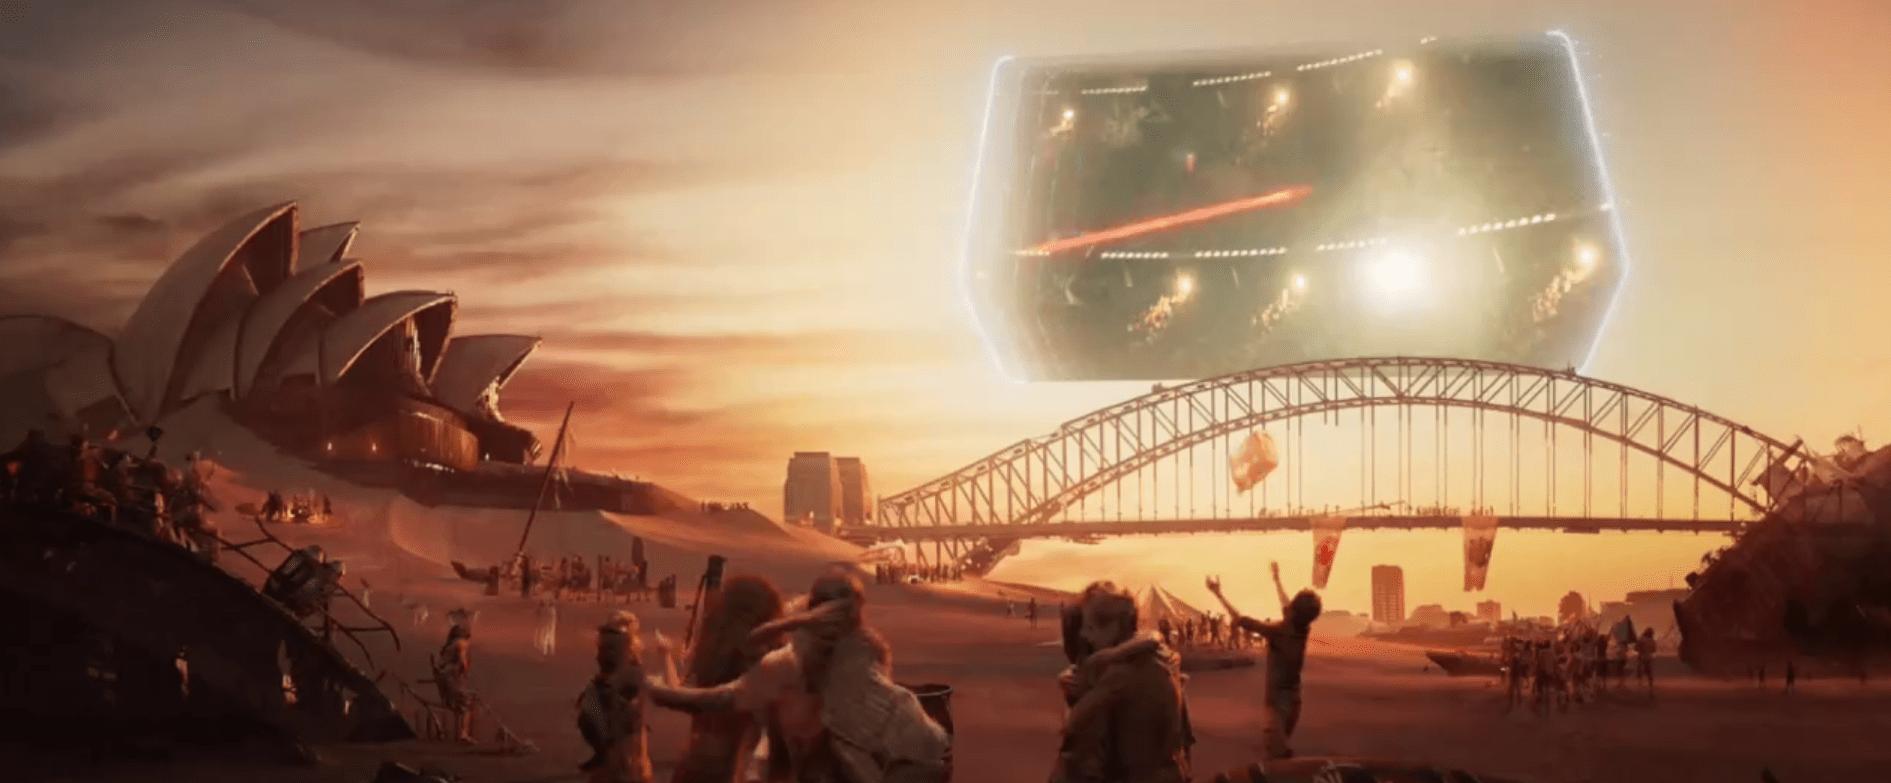 Первый трейлер «Вратаря галактики» — отечественного фильма про космический футбол